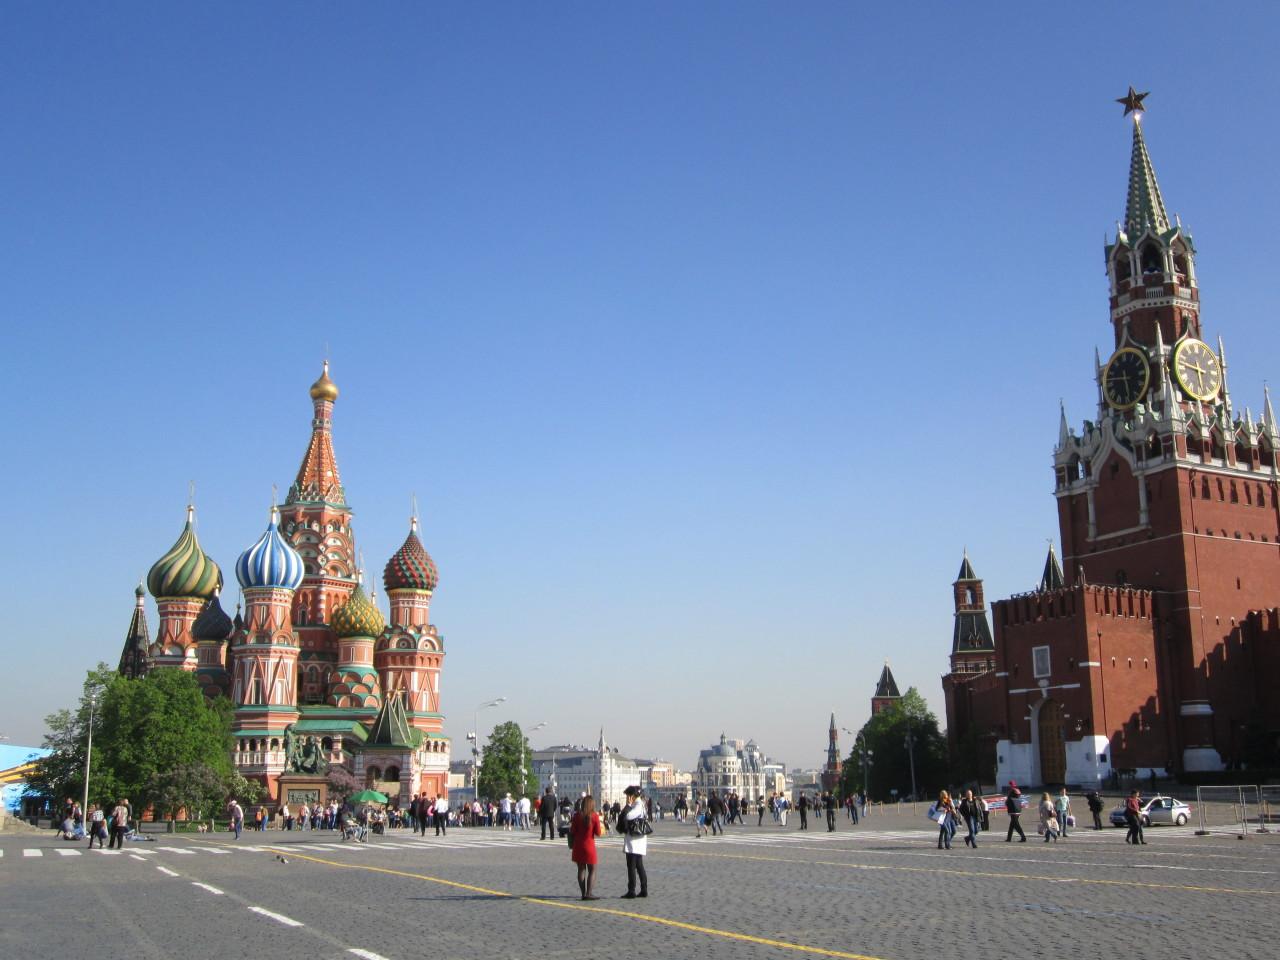 Американцы потребовали от Москвы прекратить оккупацию вымышленной страны